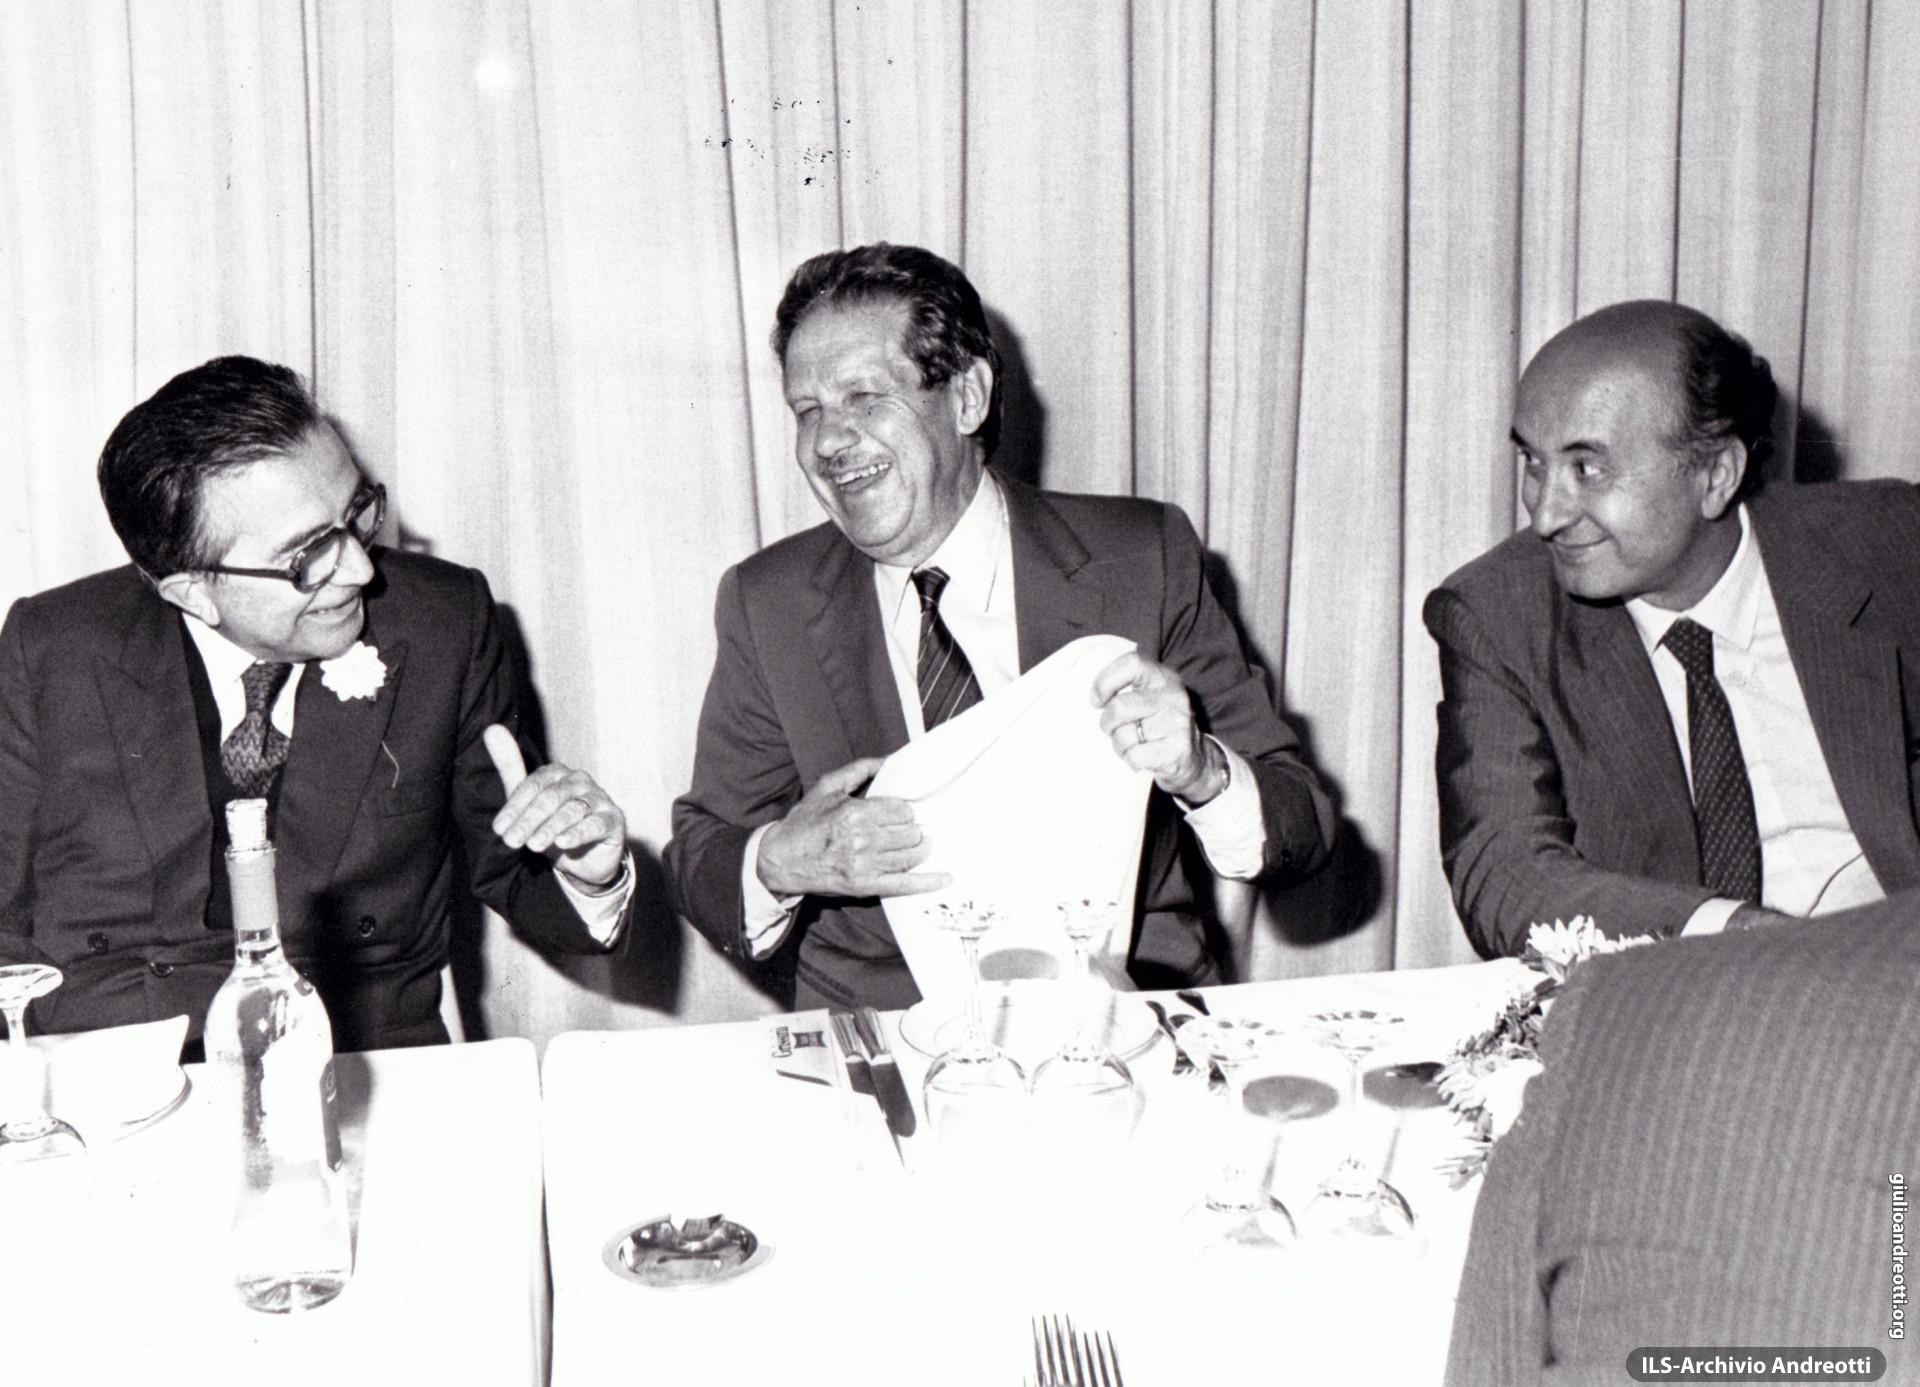 Festa dell'Amicizia della DC, Fiuggi, 10-18 settembre 1983. Andreotti a tavola con Piccoli e De Mita.